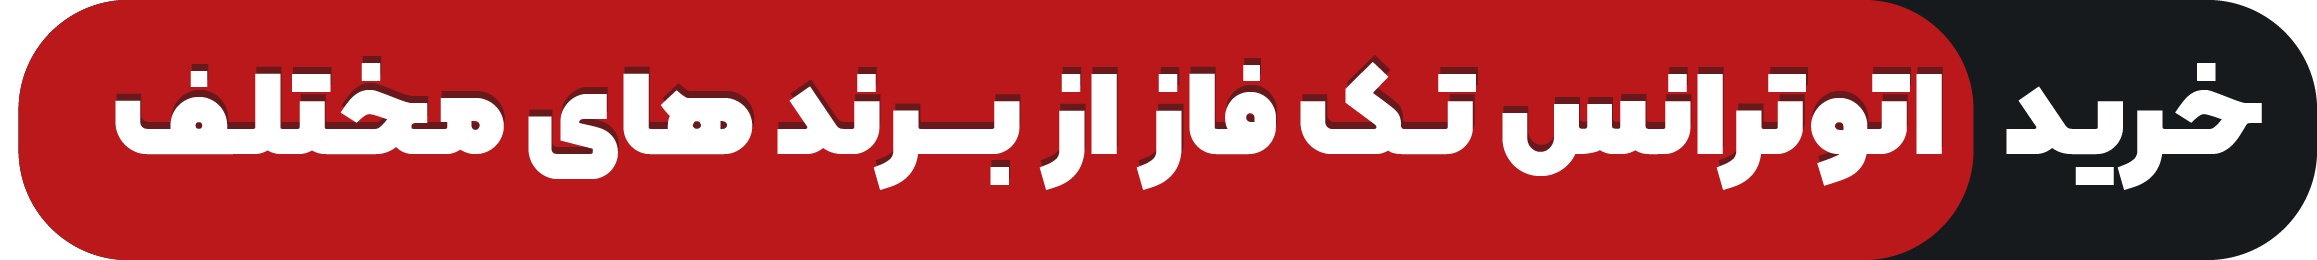 خرید اتوترانس تک فاز